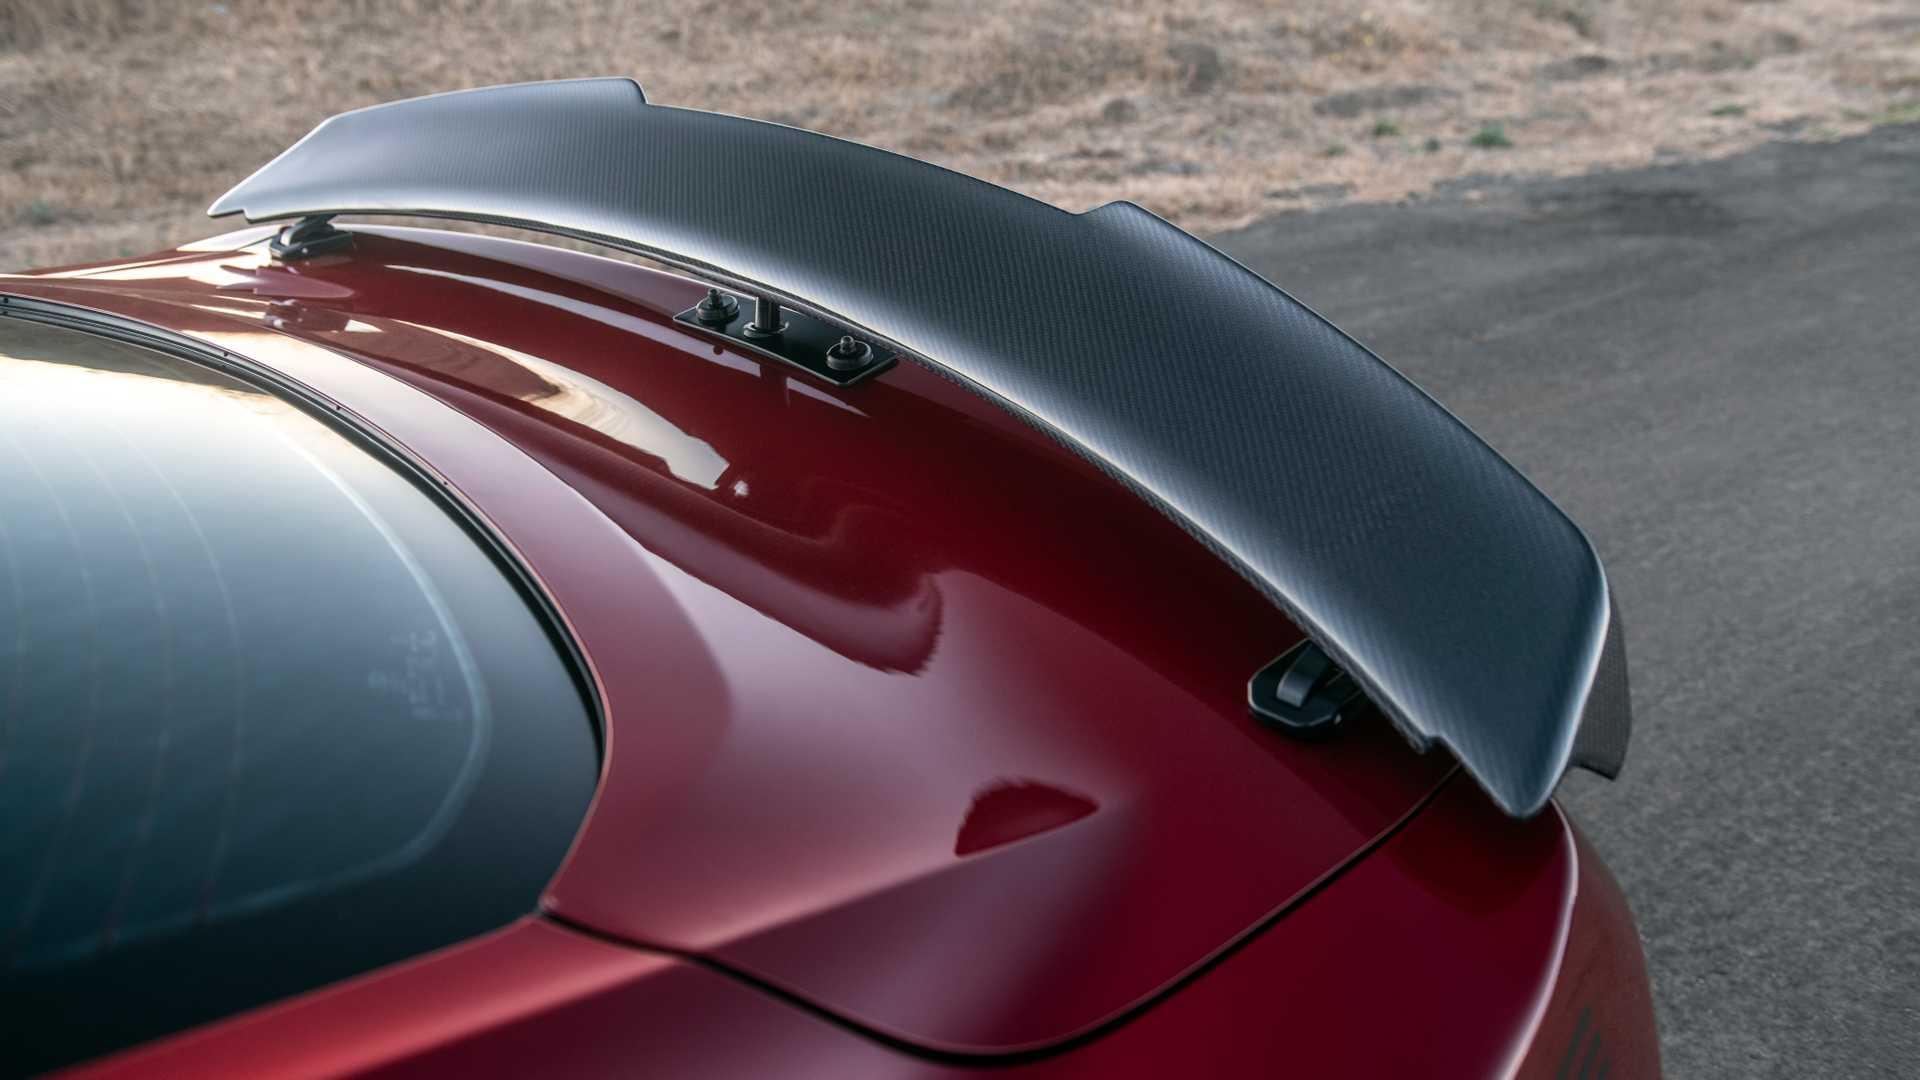 جاك روش موستانج : الإصدار الأكثر تميزا من شيلبي GT500